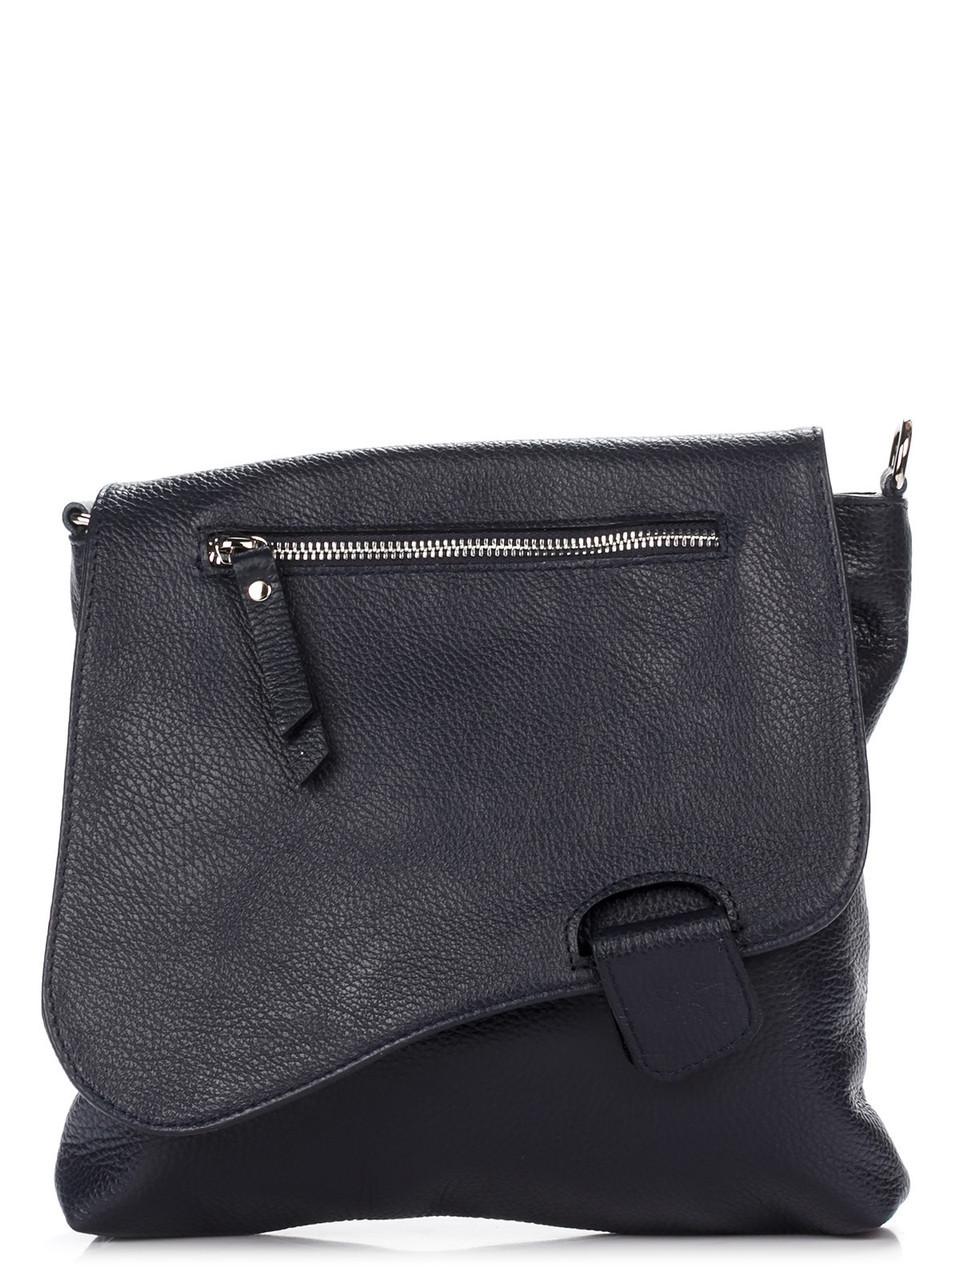 Женская кожаная сумка VILMA Diva's Bag цвет темно-синий